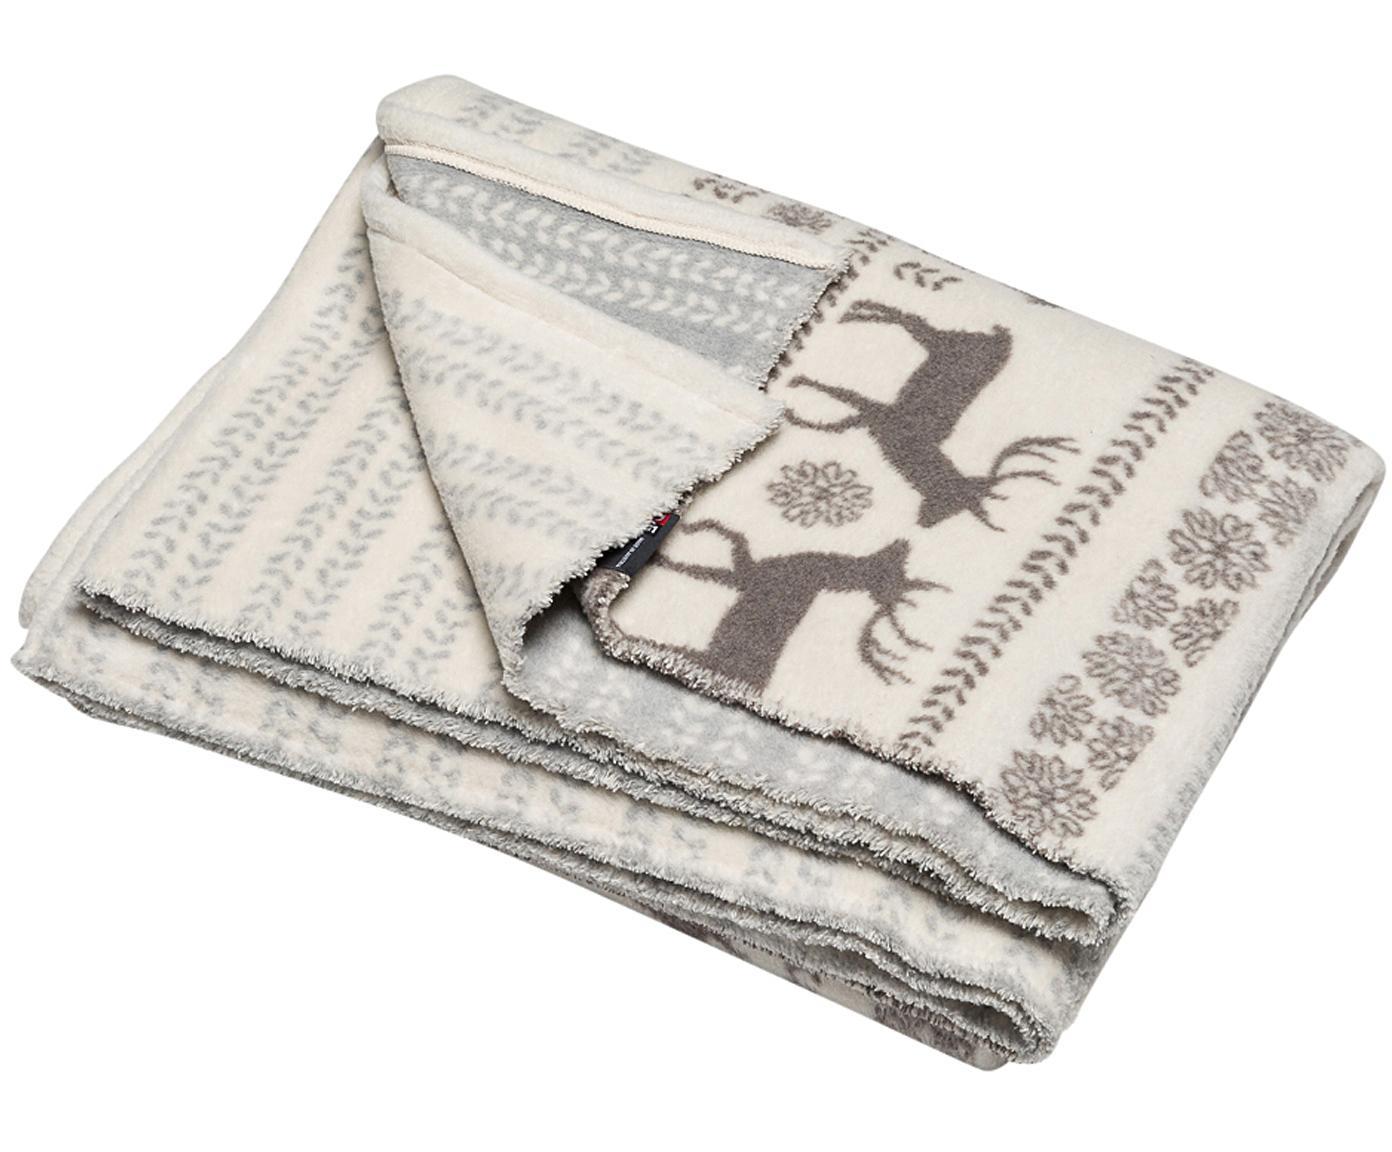 Plaid Hirsch mit winterlichen Motiven, Bezug: 85% Baumwolle, 8% Viskose, Beige, Grau, Hellblau, 150 x 200 cm